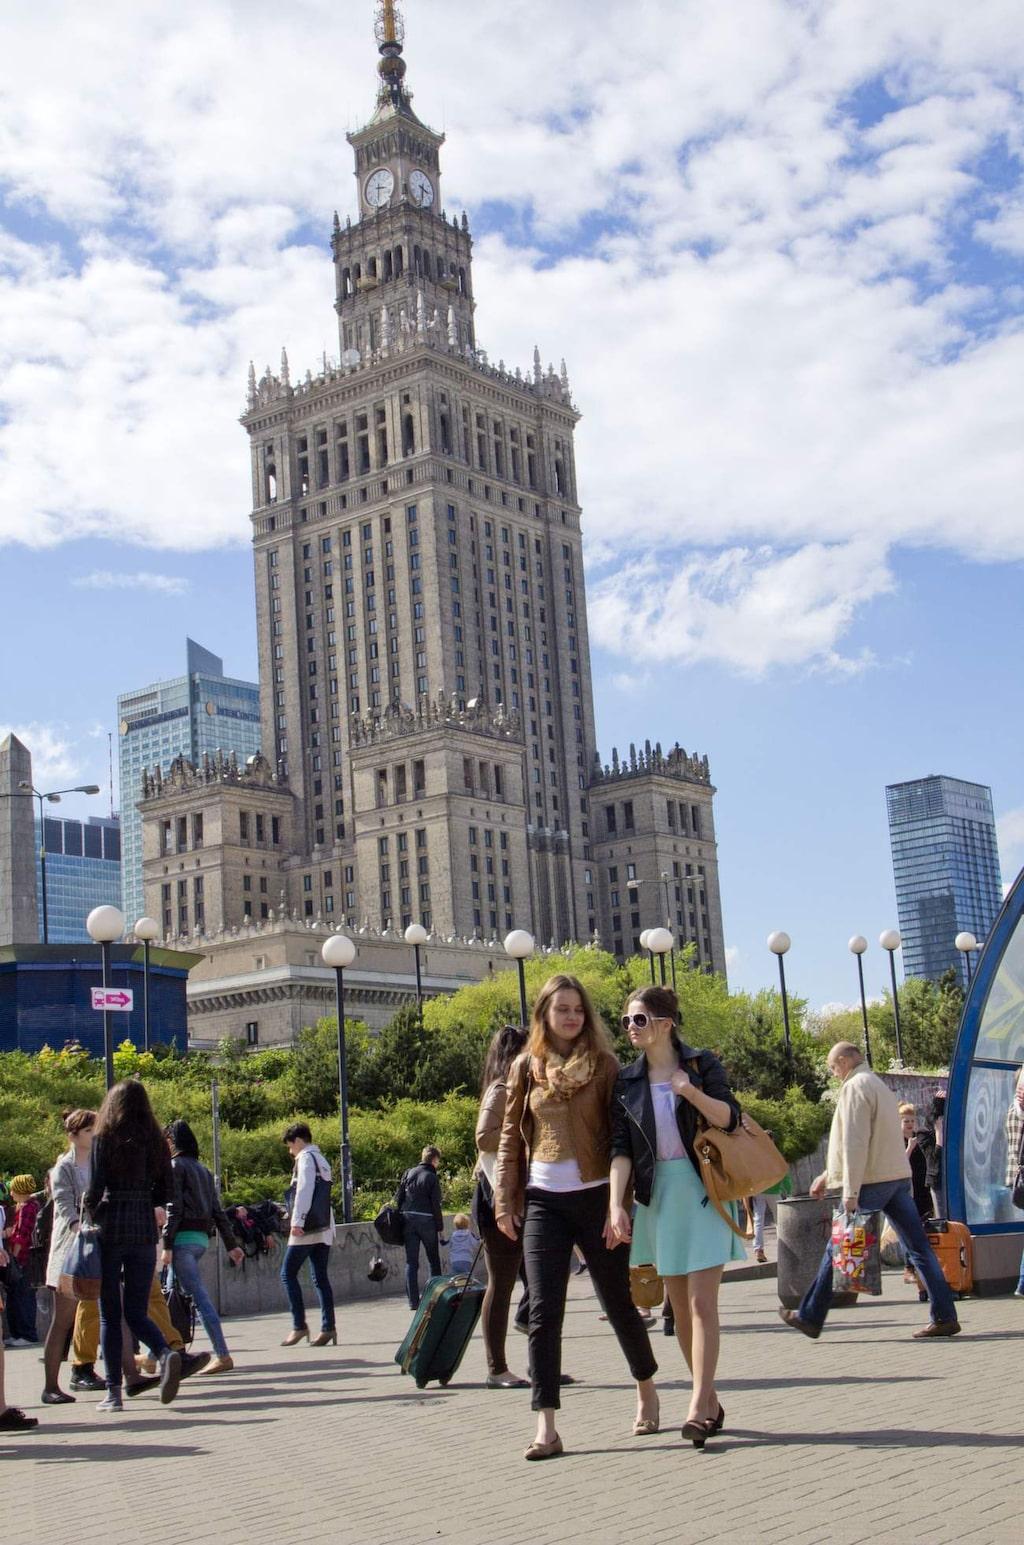 Promanadstråk. Kulturpalatset är Stalins påtvingade gåva till det polska folket. Utsikten från utsiktsterrassen på 30:e våningen är slående.